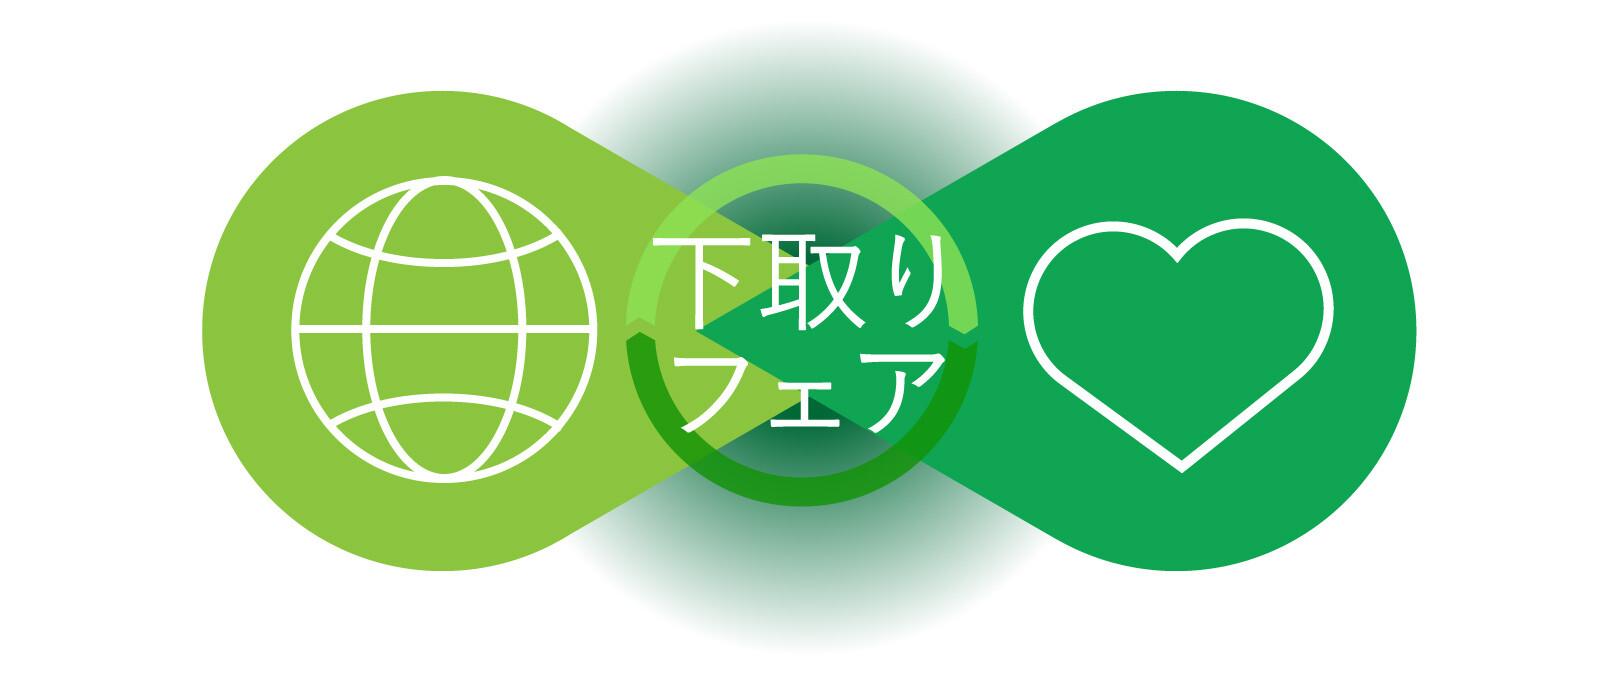 2020aw shitadori header01 - 下取りフェア